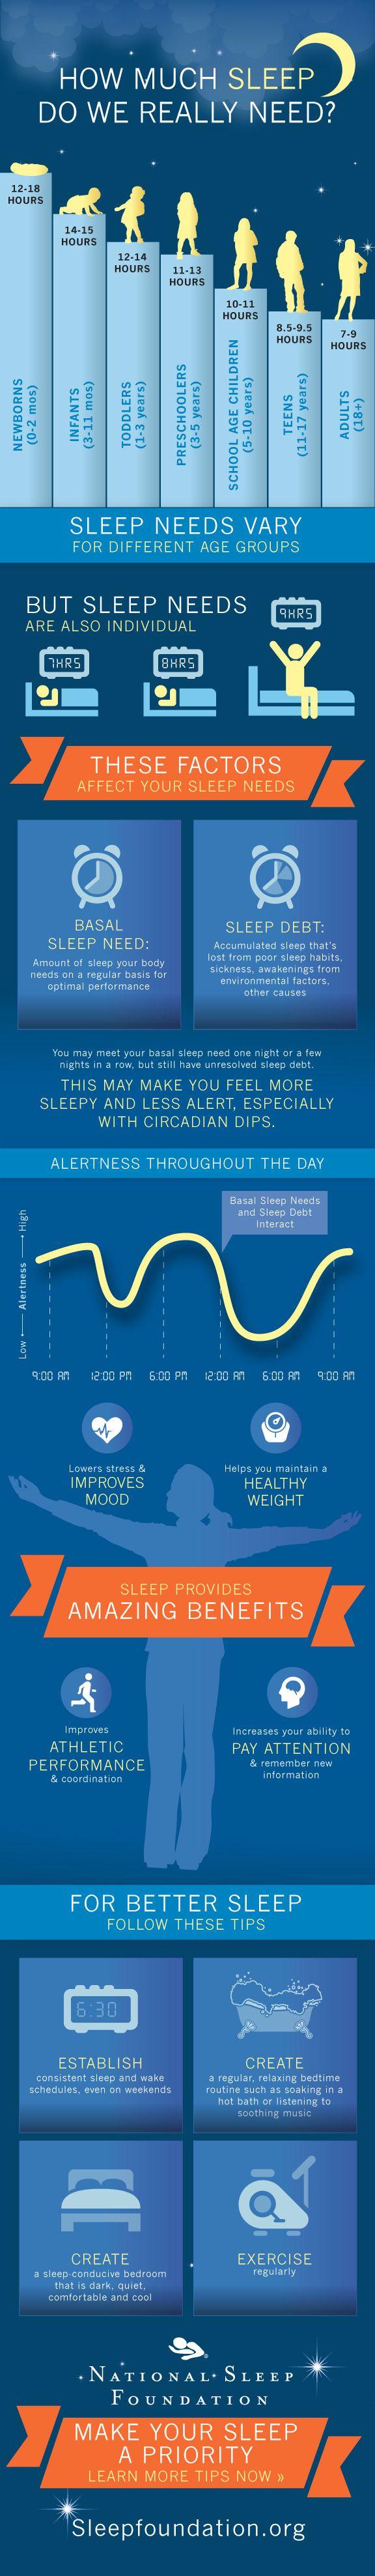 How much sleep do we really need - via sleepfoundation.org